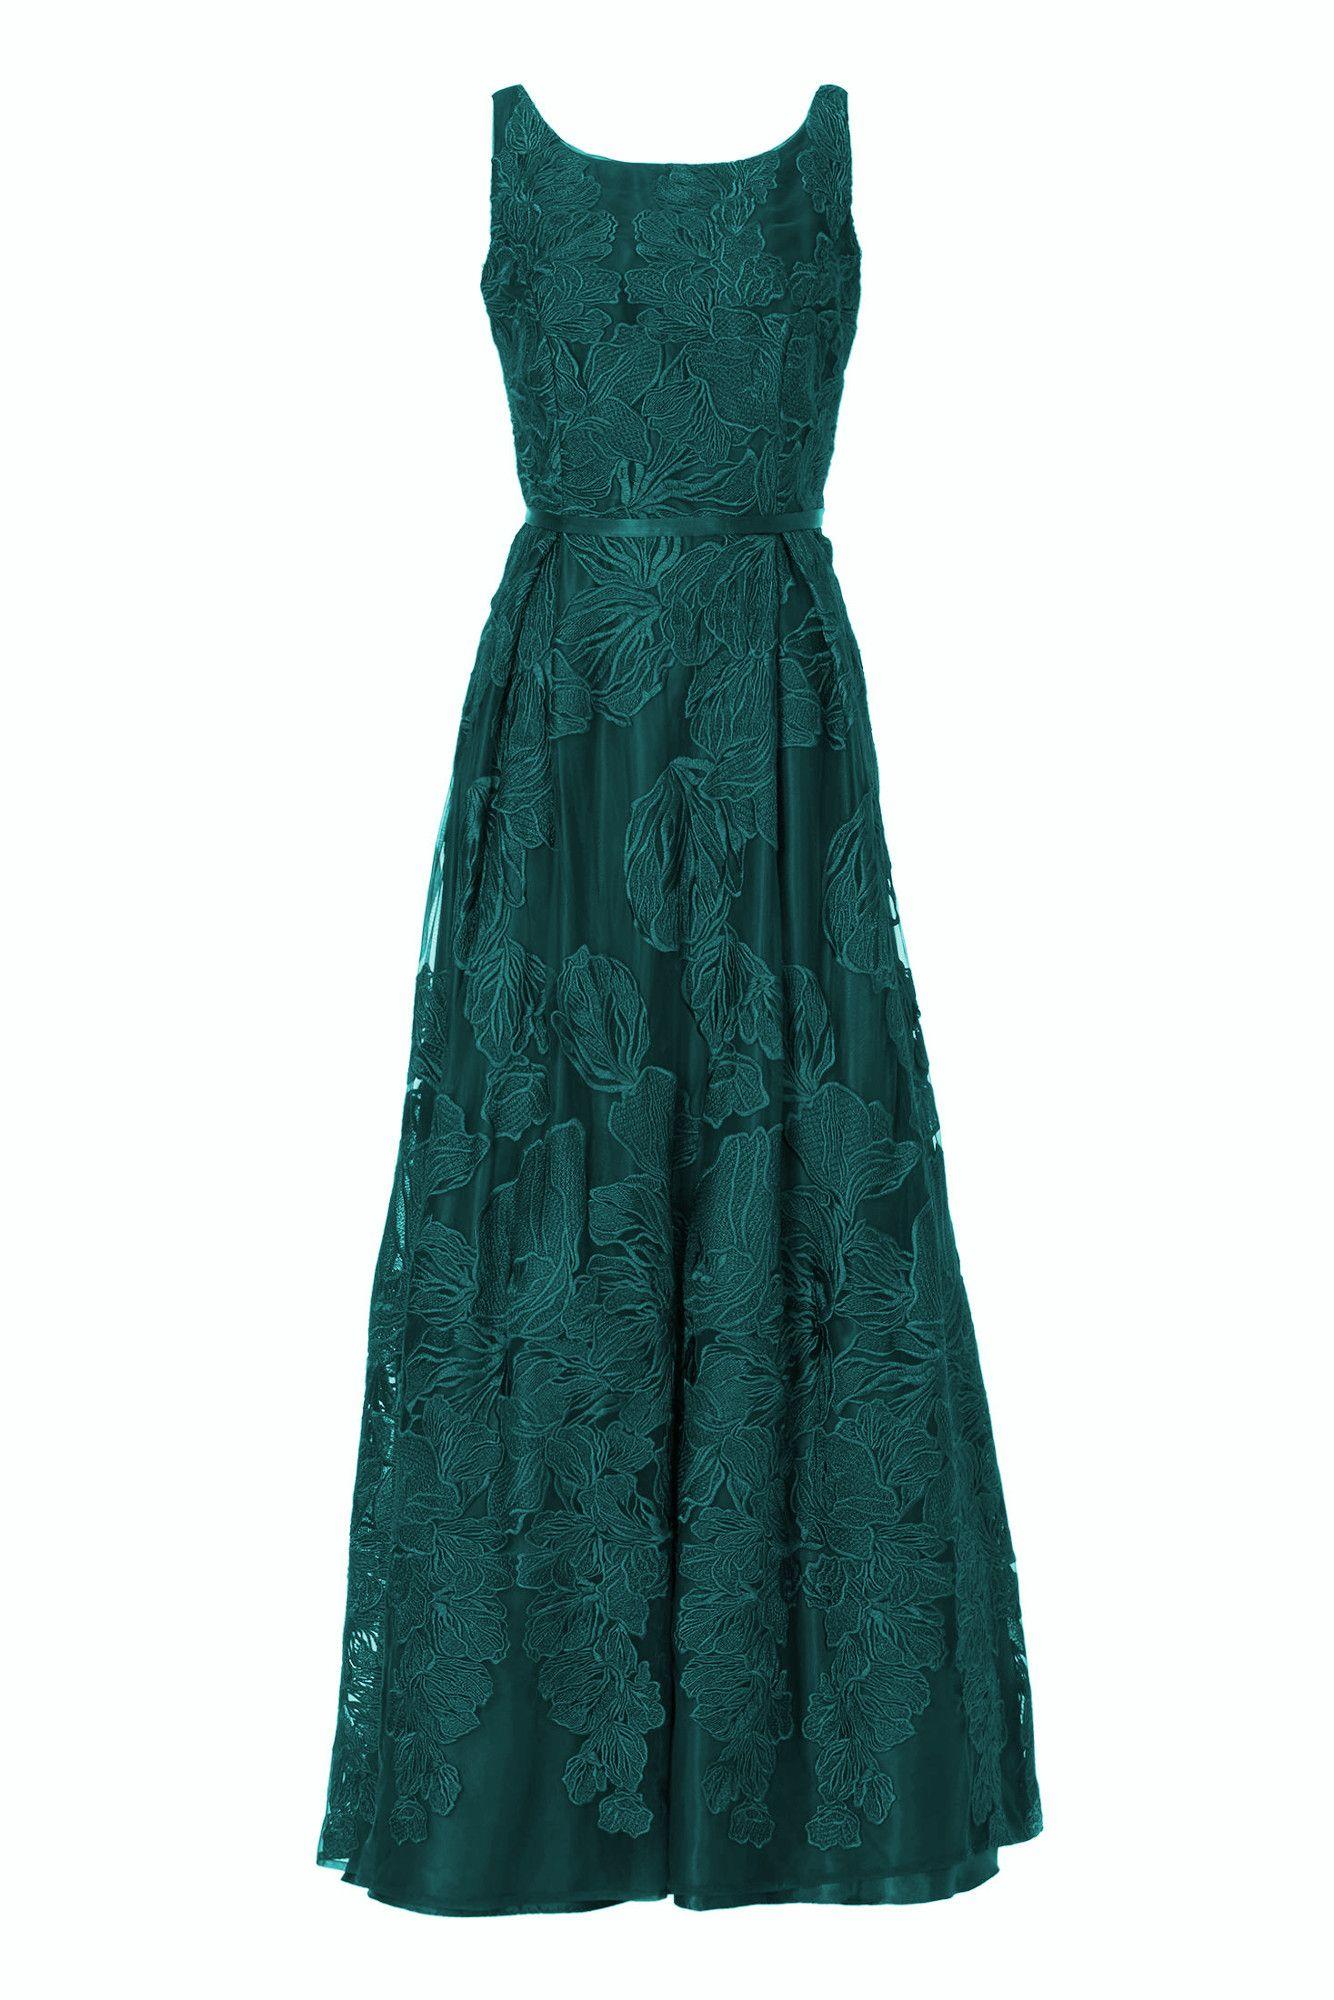 Traumhaftes Kleid aus feinstem Tüll Fließend fallendes Kleid von